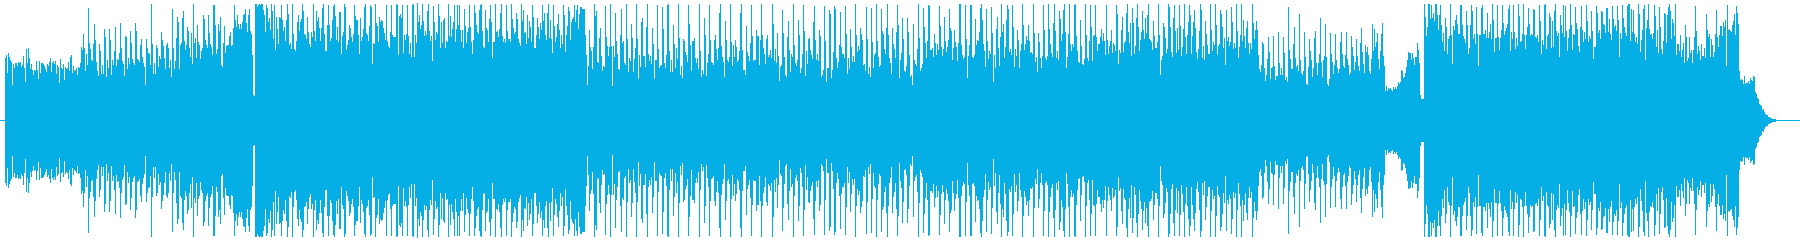 怪しく歪な雰囲気のEDM系BGMの再生済みの波形